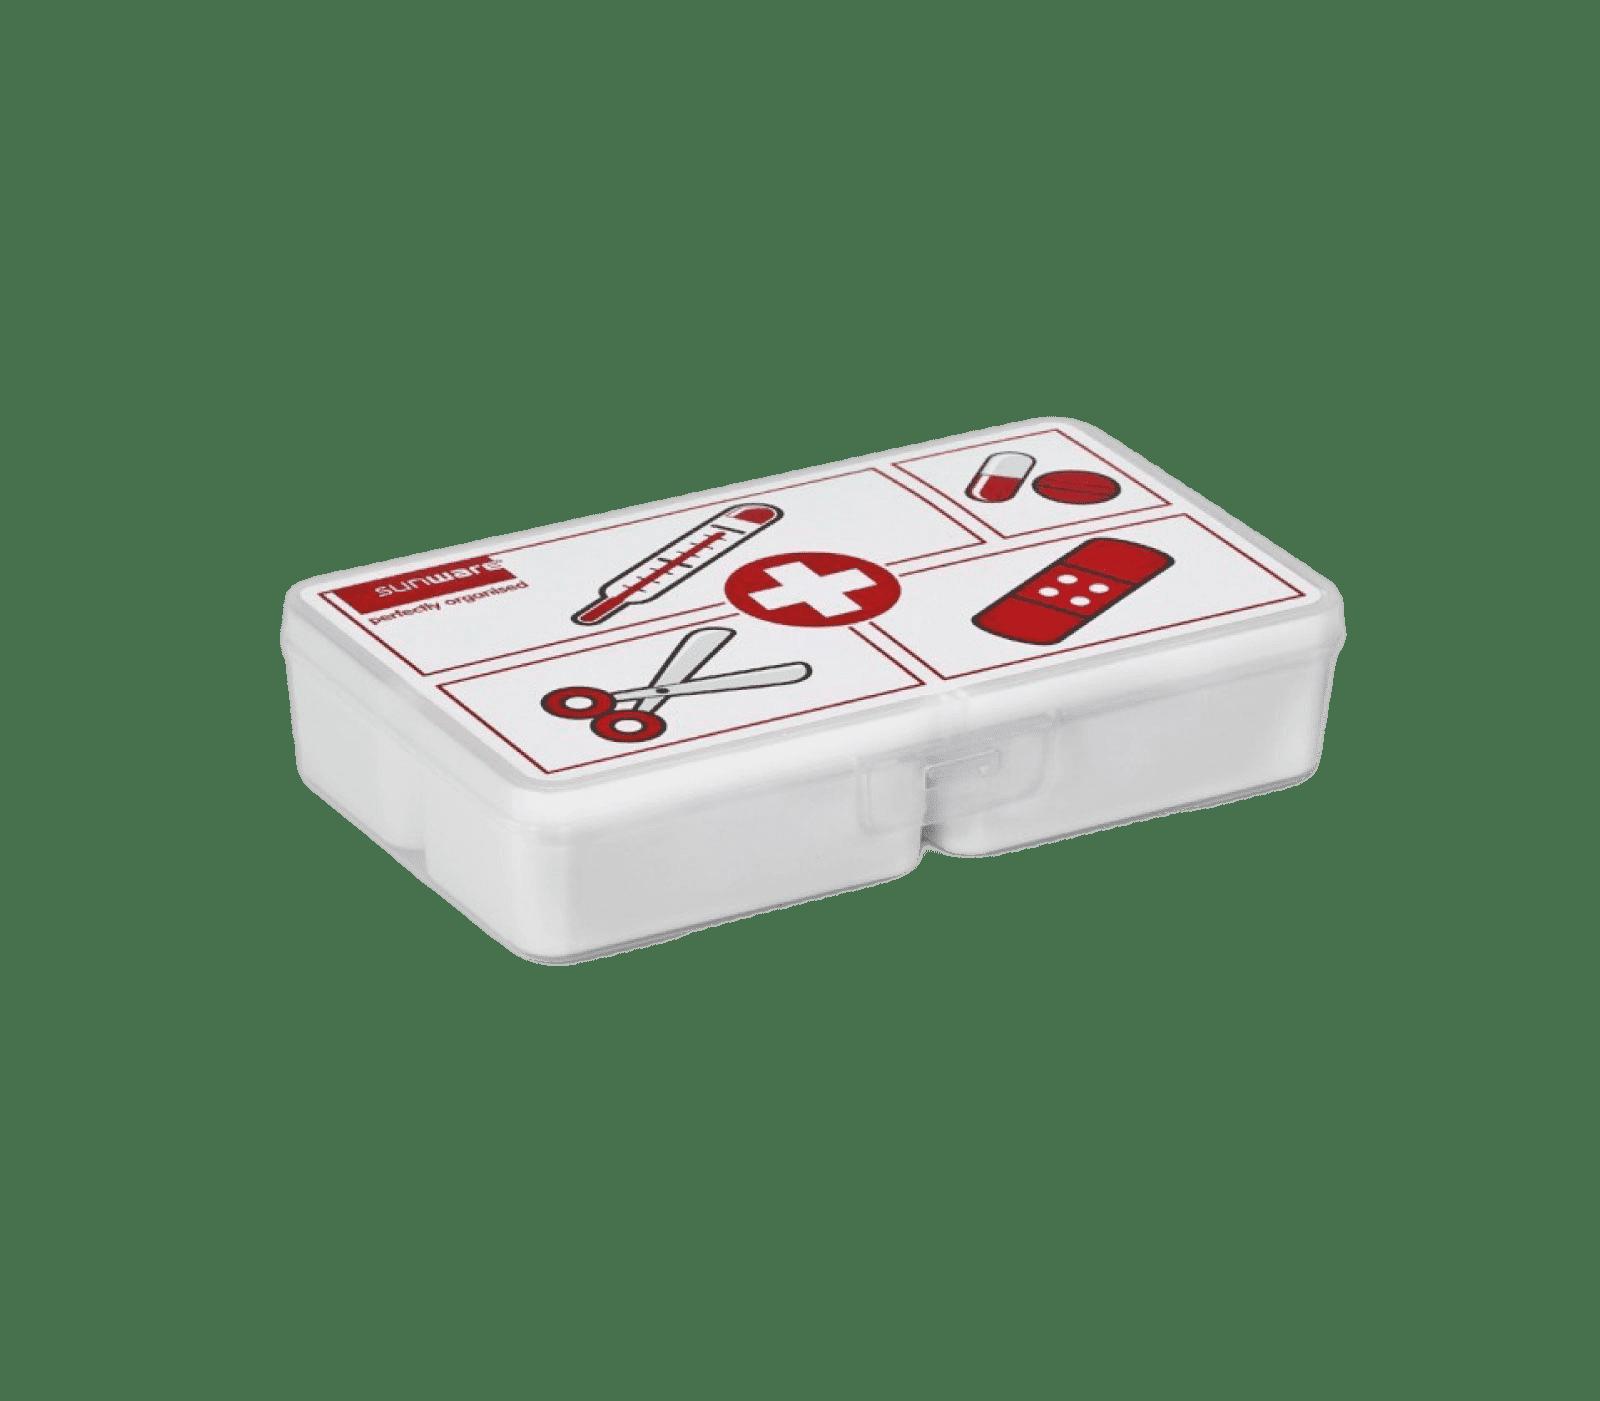 Q-line first aid box